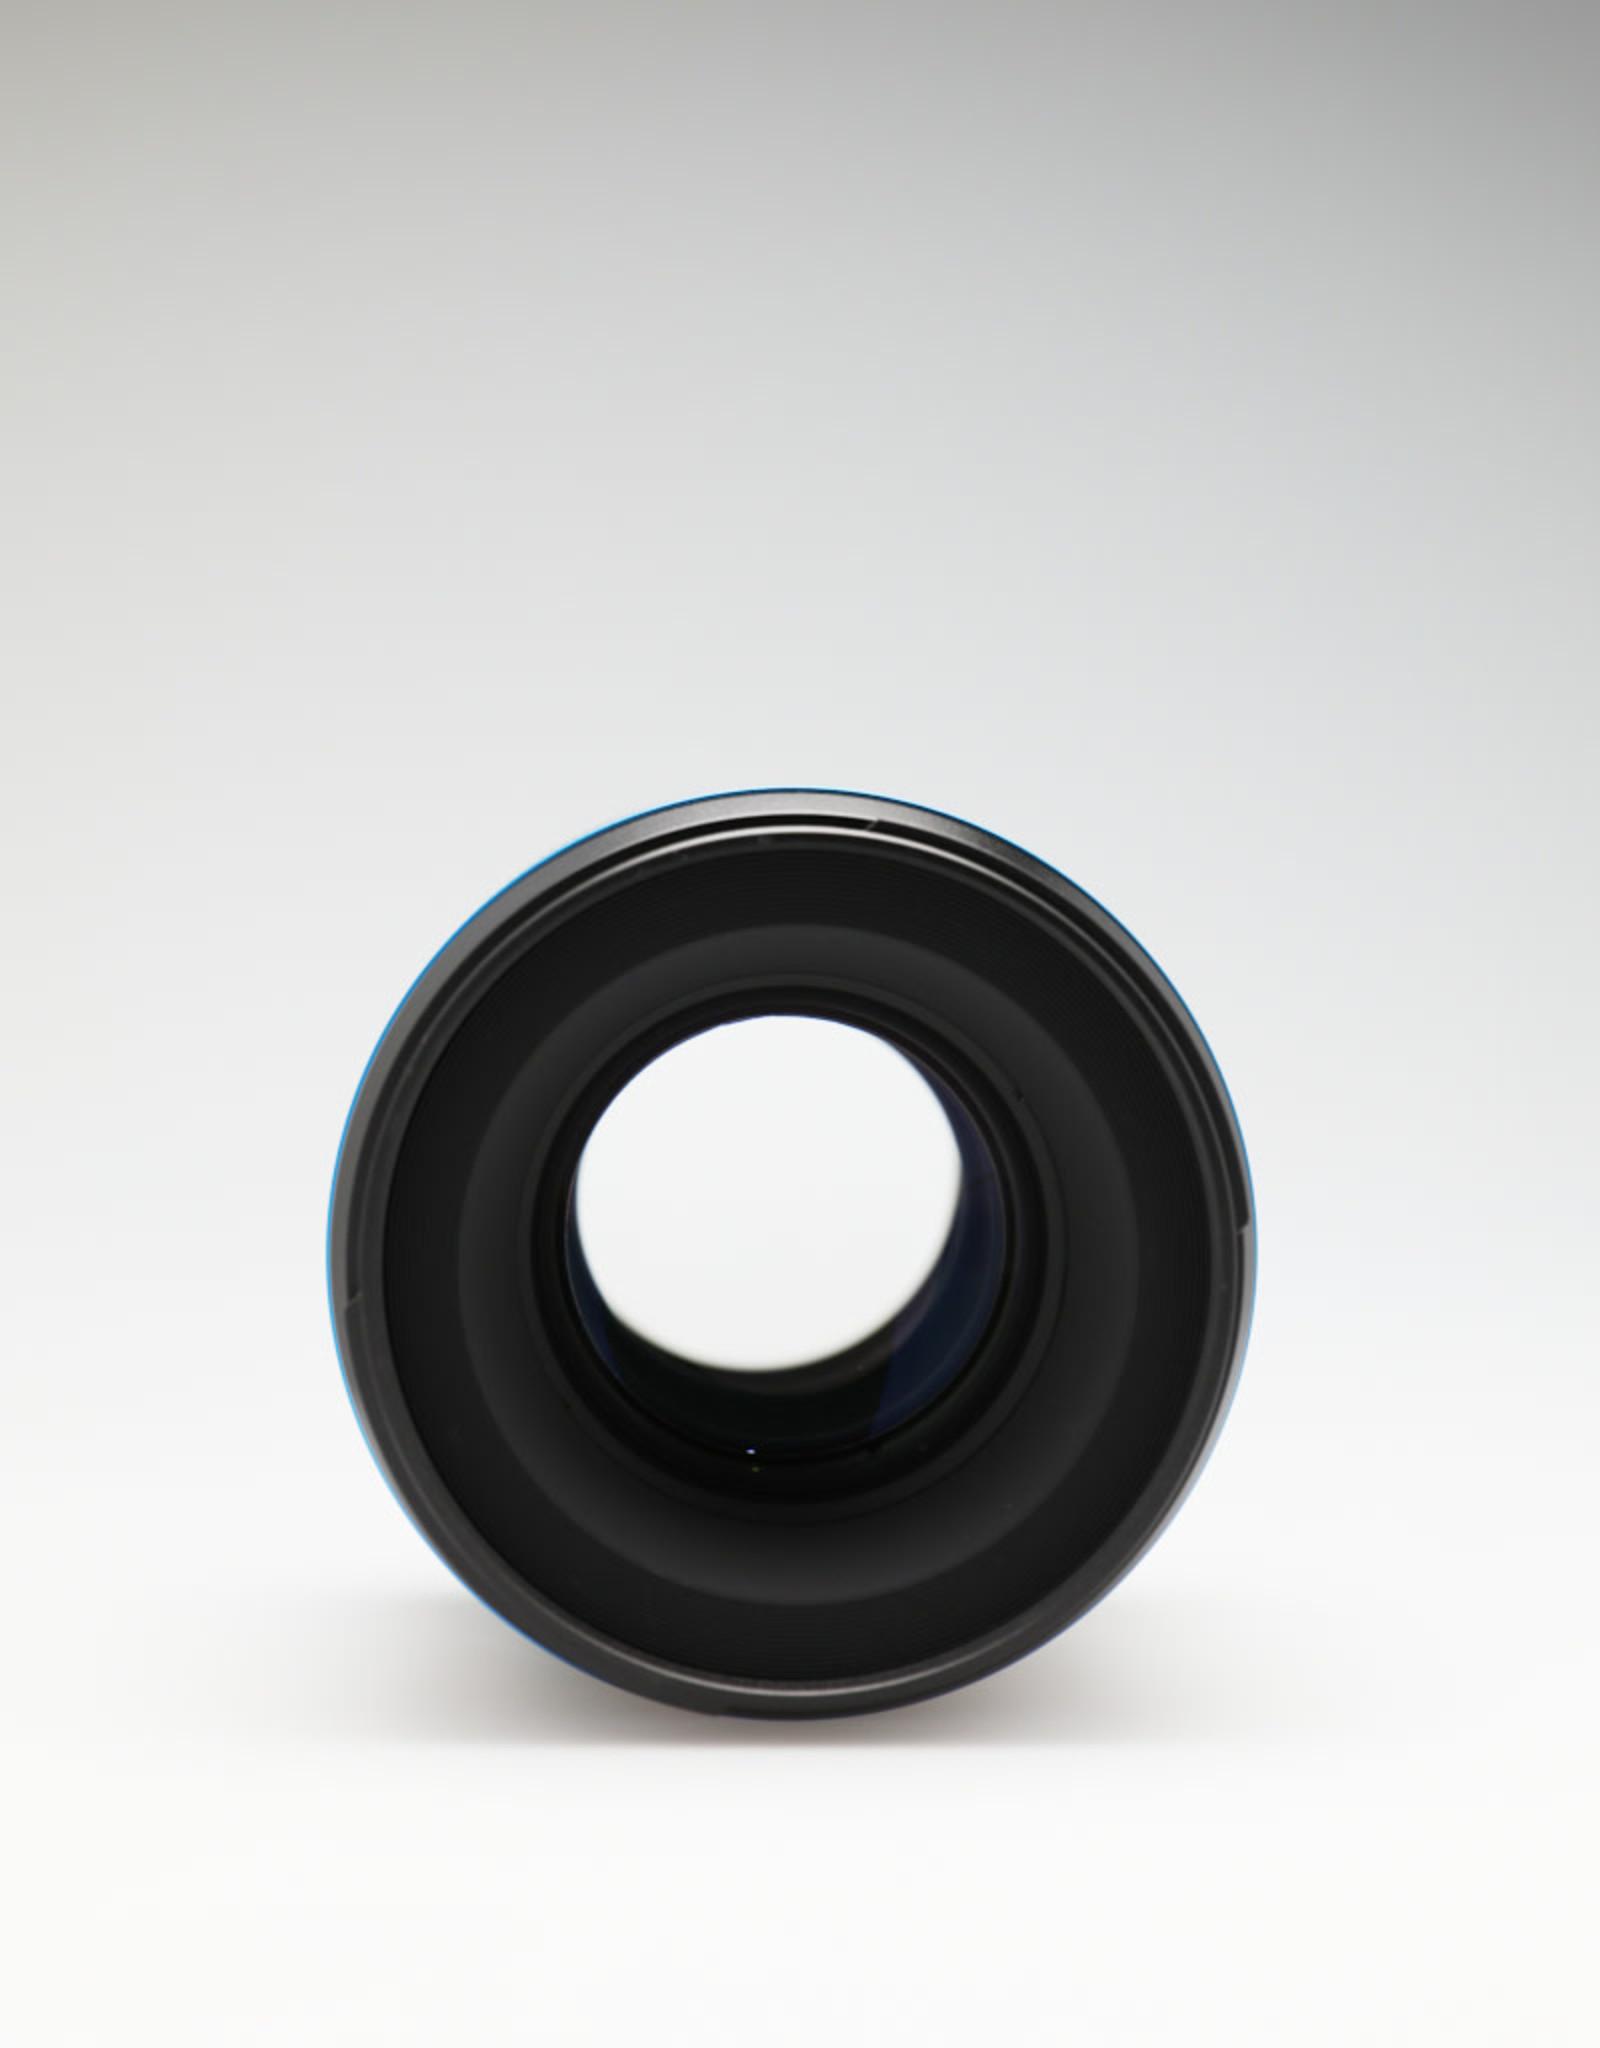 Phase One Open Box - Phase One Schneider Kreuznach 150mm LS f/3.5 Blue Ring- ø72mm